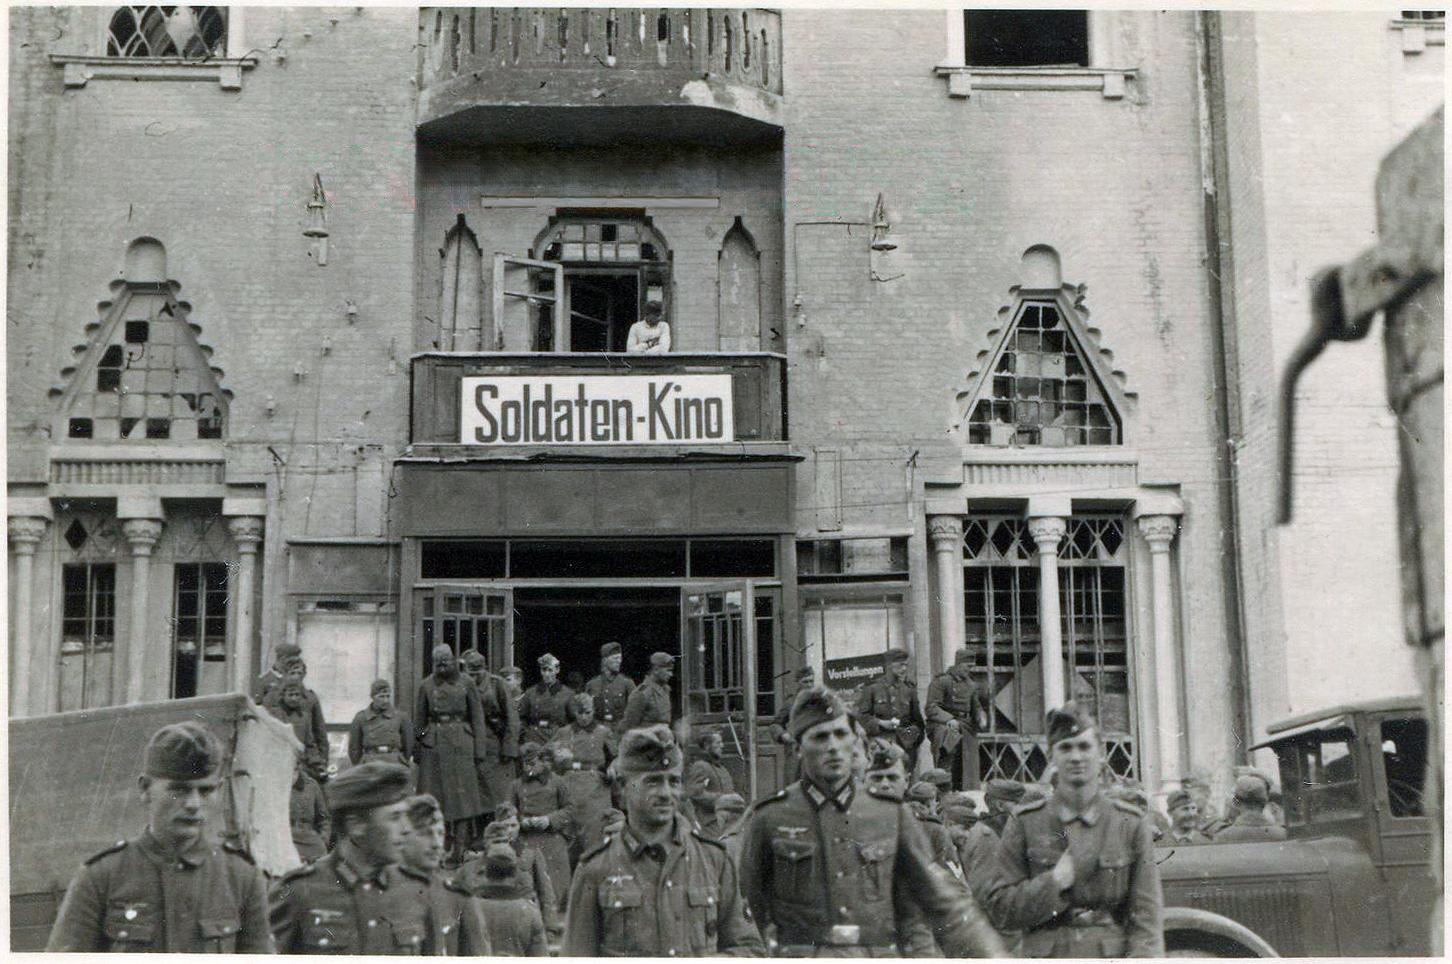 1941. У входа в солдатский кинотеатр (бывшая Хоральная синагога)